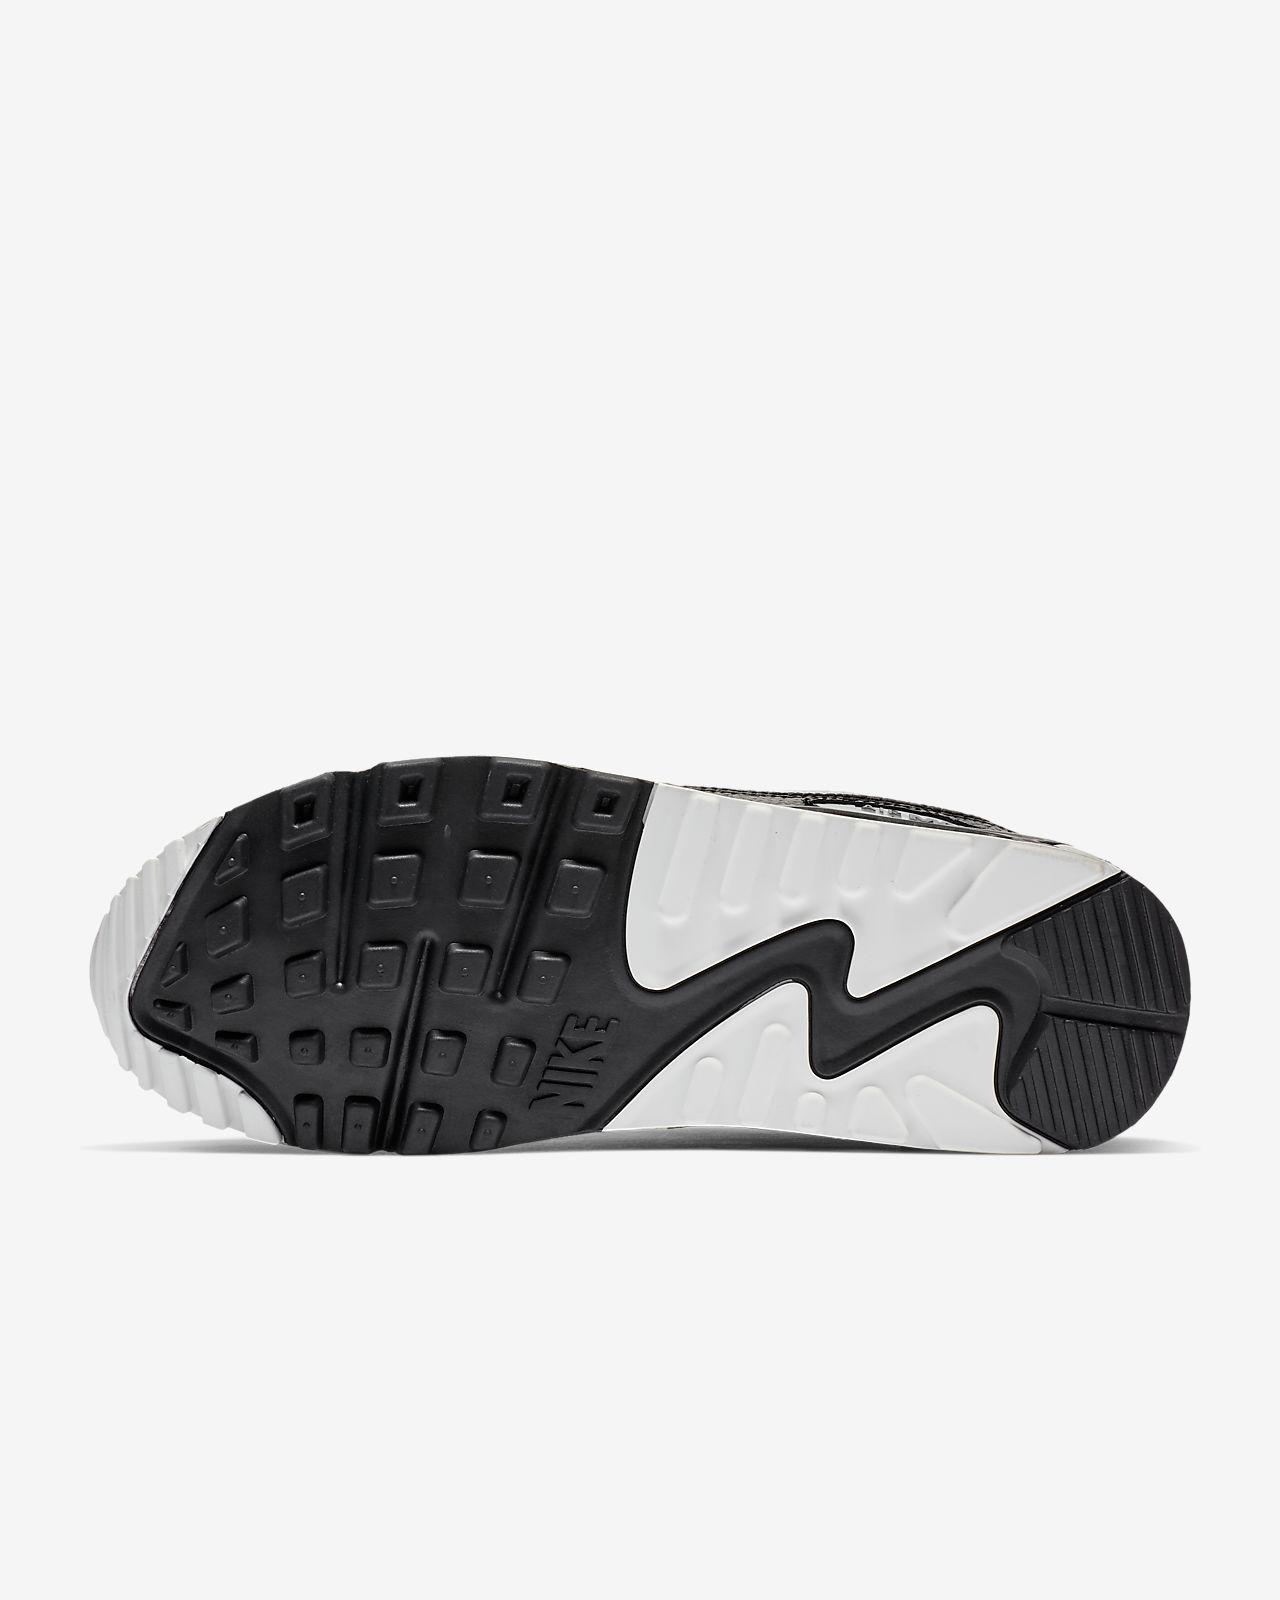 sports shoes ca6f1 0b603 ... Calzado para mujer Nike Air Max 90